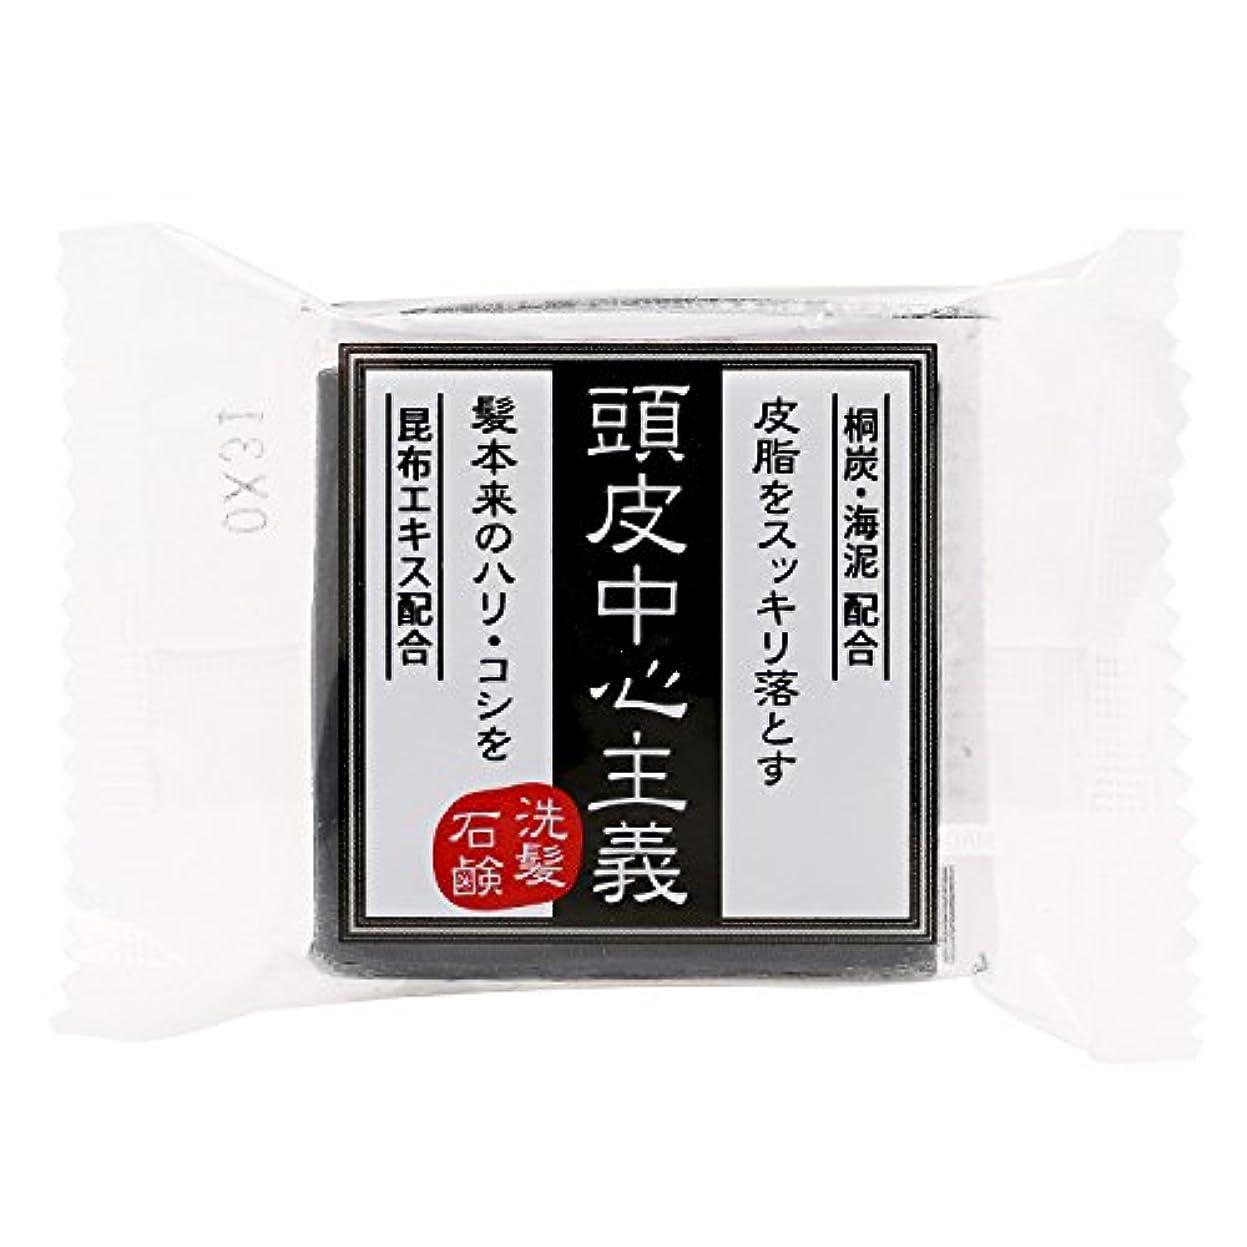 本能キルトナプキン菊星 頭皮中心主義 洗髪石鹸 30g